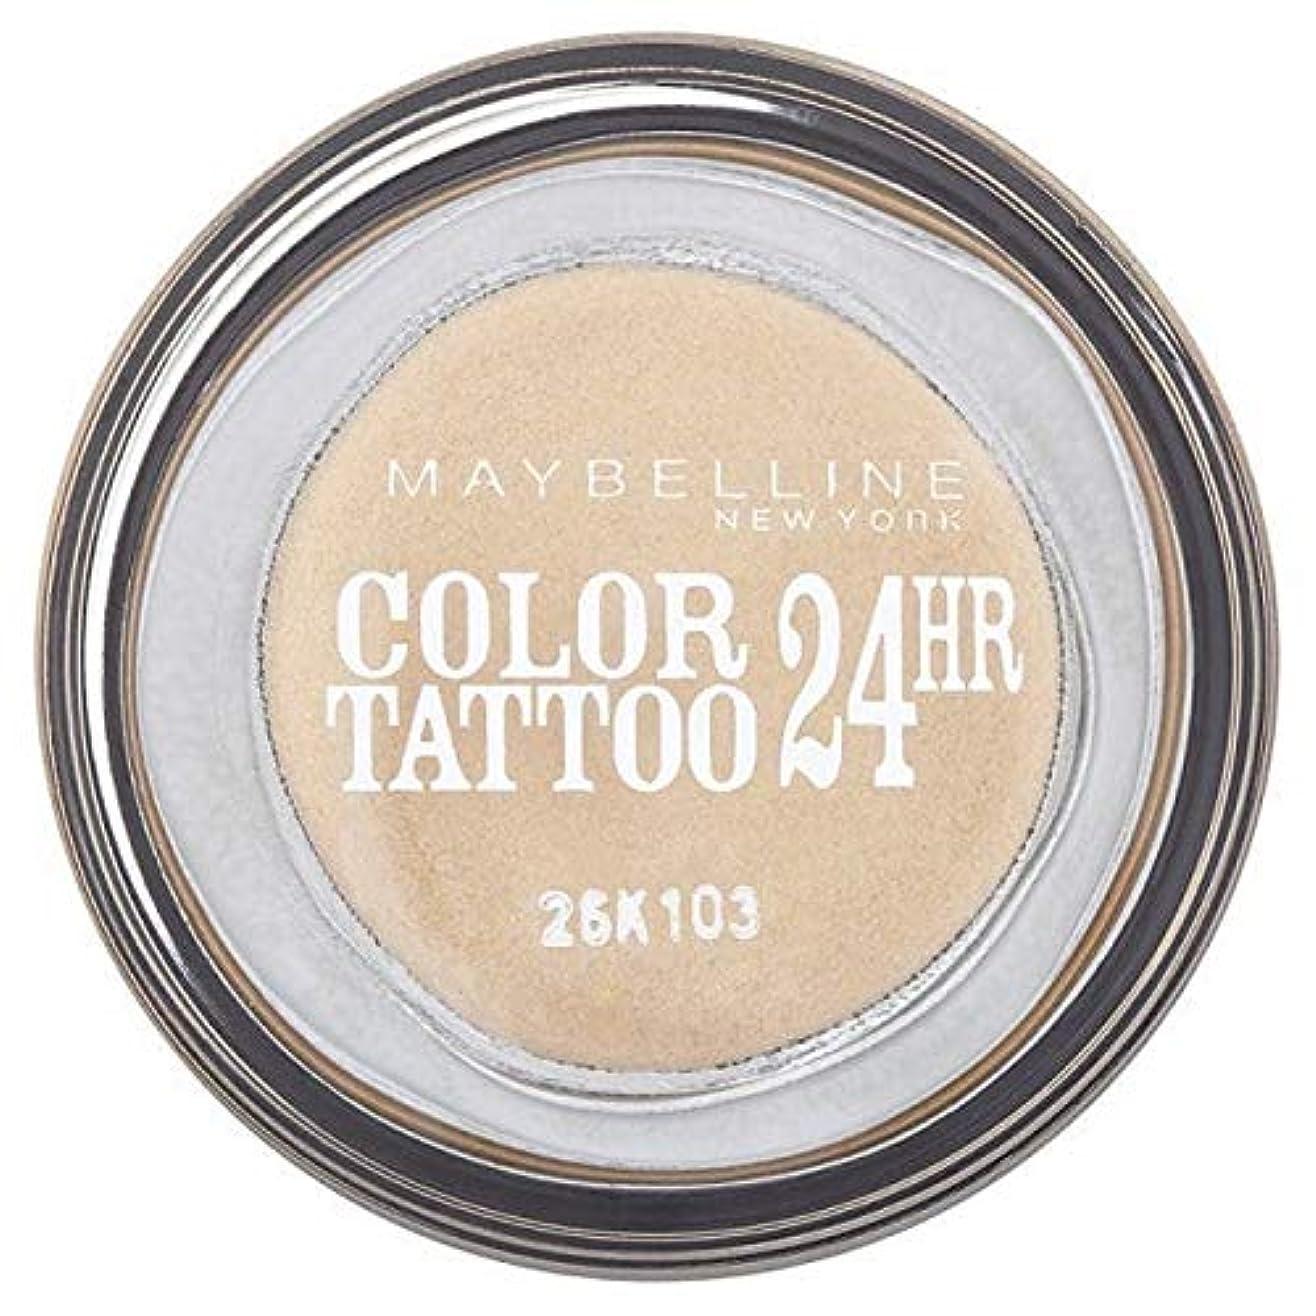 それに応じて後世植物の[Maybelline ] シングルアイシャドウ05金24時間メイベリンカラータトゥー - Maybelline Color Tattoo 24Hr Single Eyeshadow 05 Gold [並行輸入品]